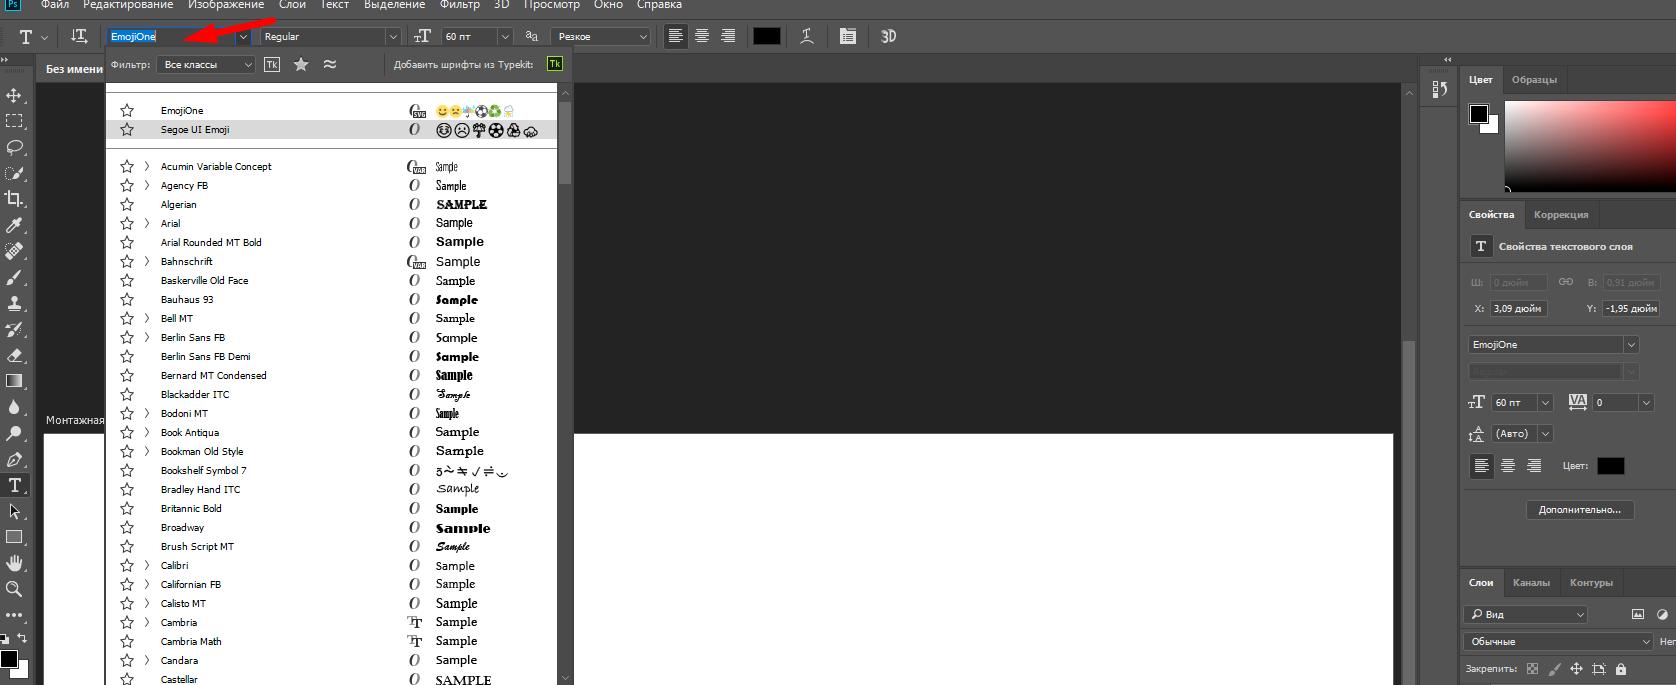 Устанавливаем шрифты для фотошопа в Windows. Подробная инструкция от А до Я